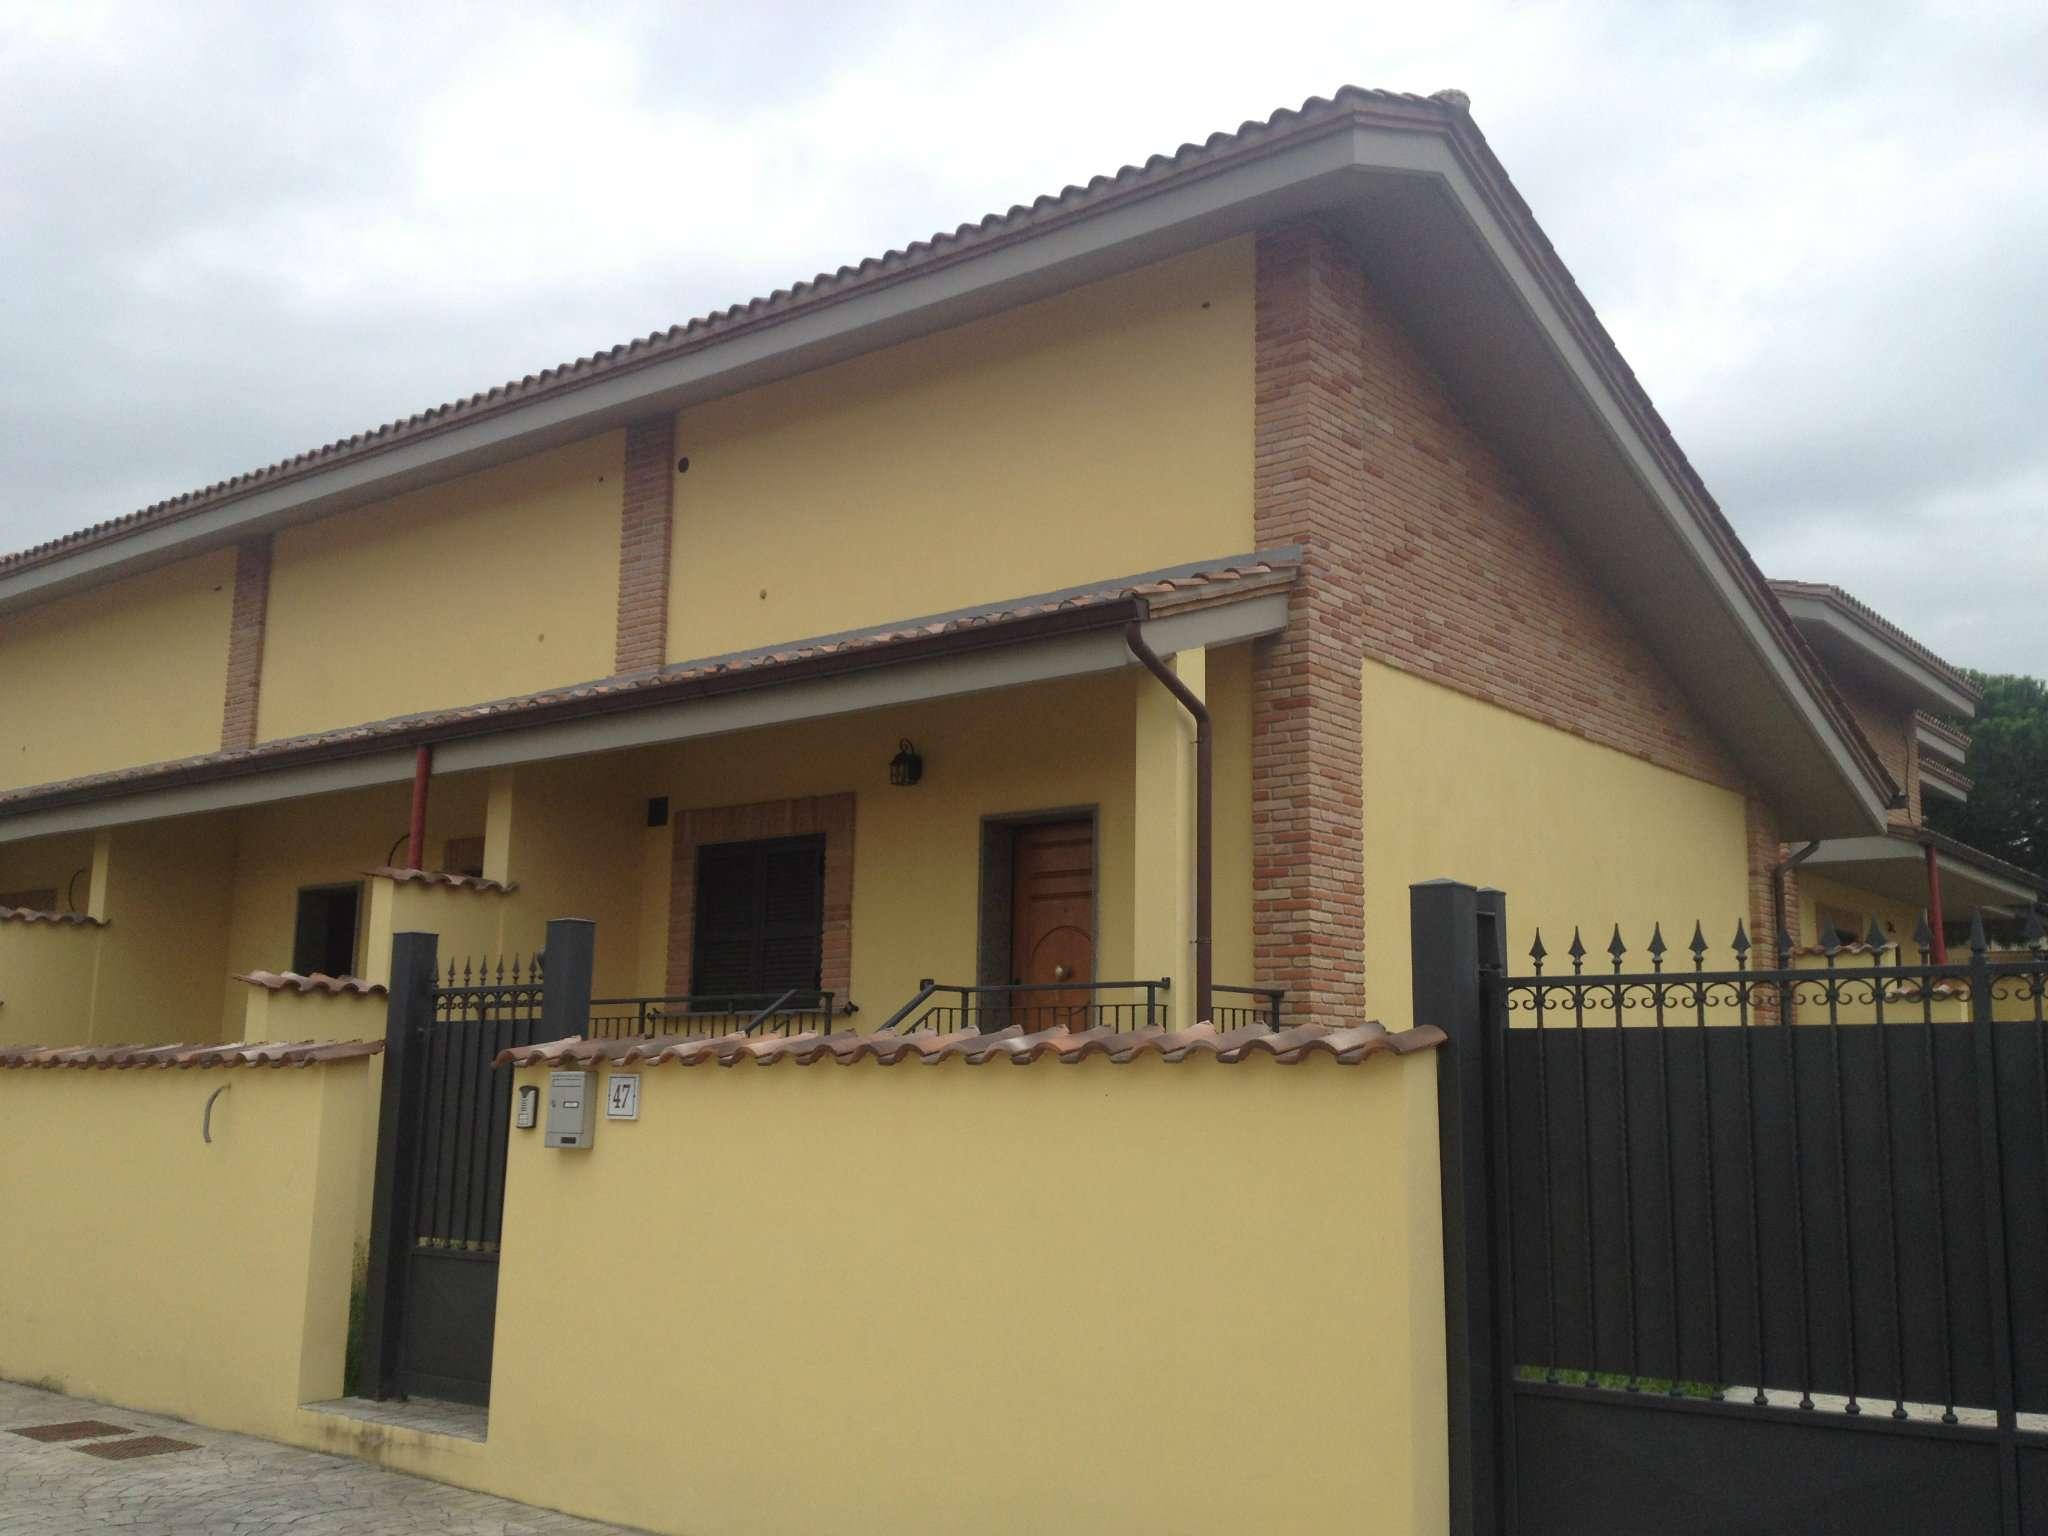 Villa Tri-Quadrifamiliare in vendita a Roma, 4 locali, zona Zona: 38 . Acilia, Vitinia, Infernetto, Axa, Casal Palocco, Madonnetta, prezzo € 219.000 | CambioCasa.it